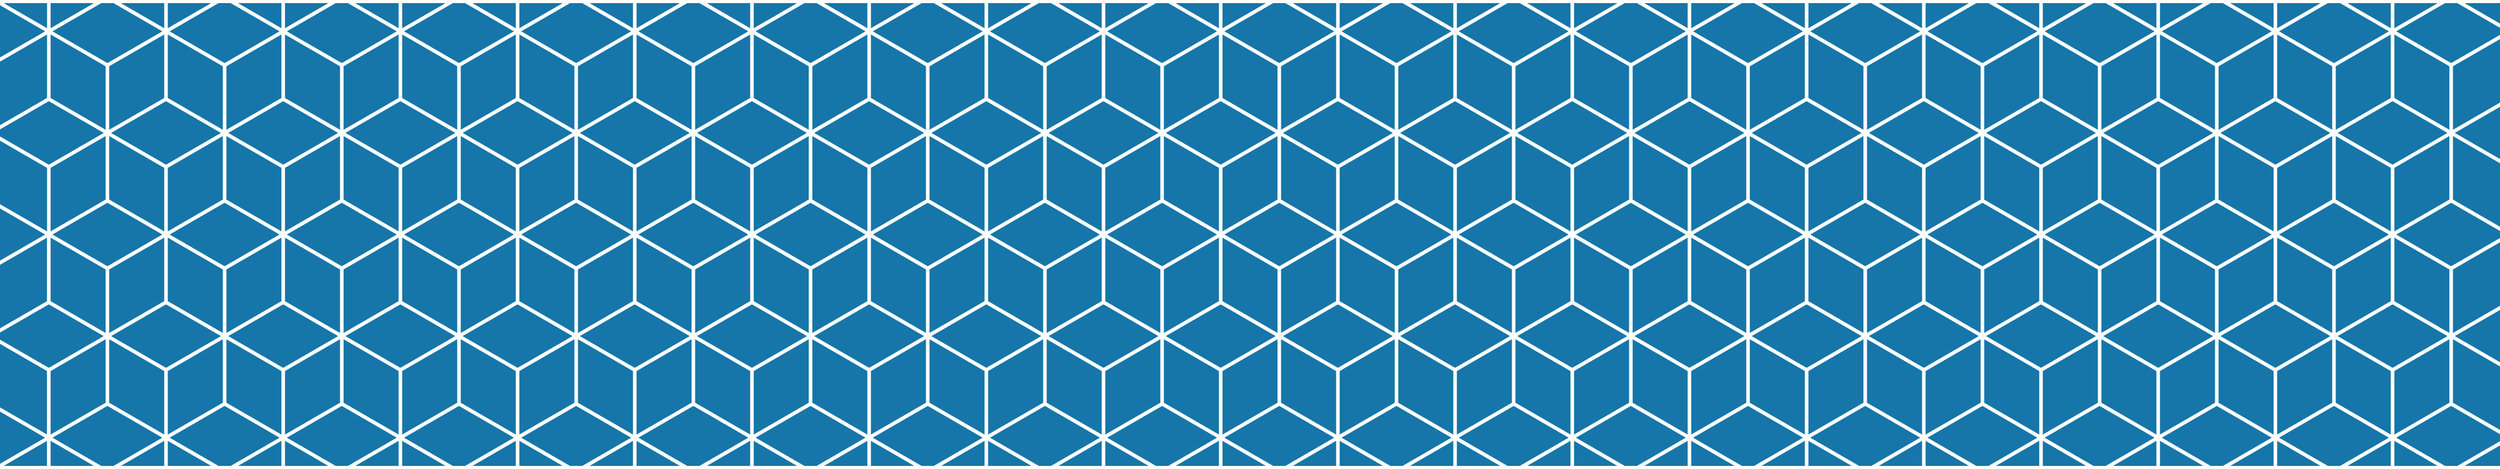 coa-pattern_01 copy@2x.jpg